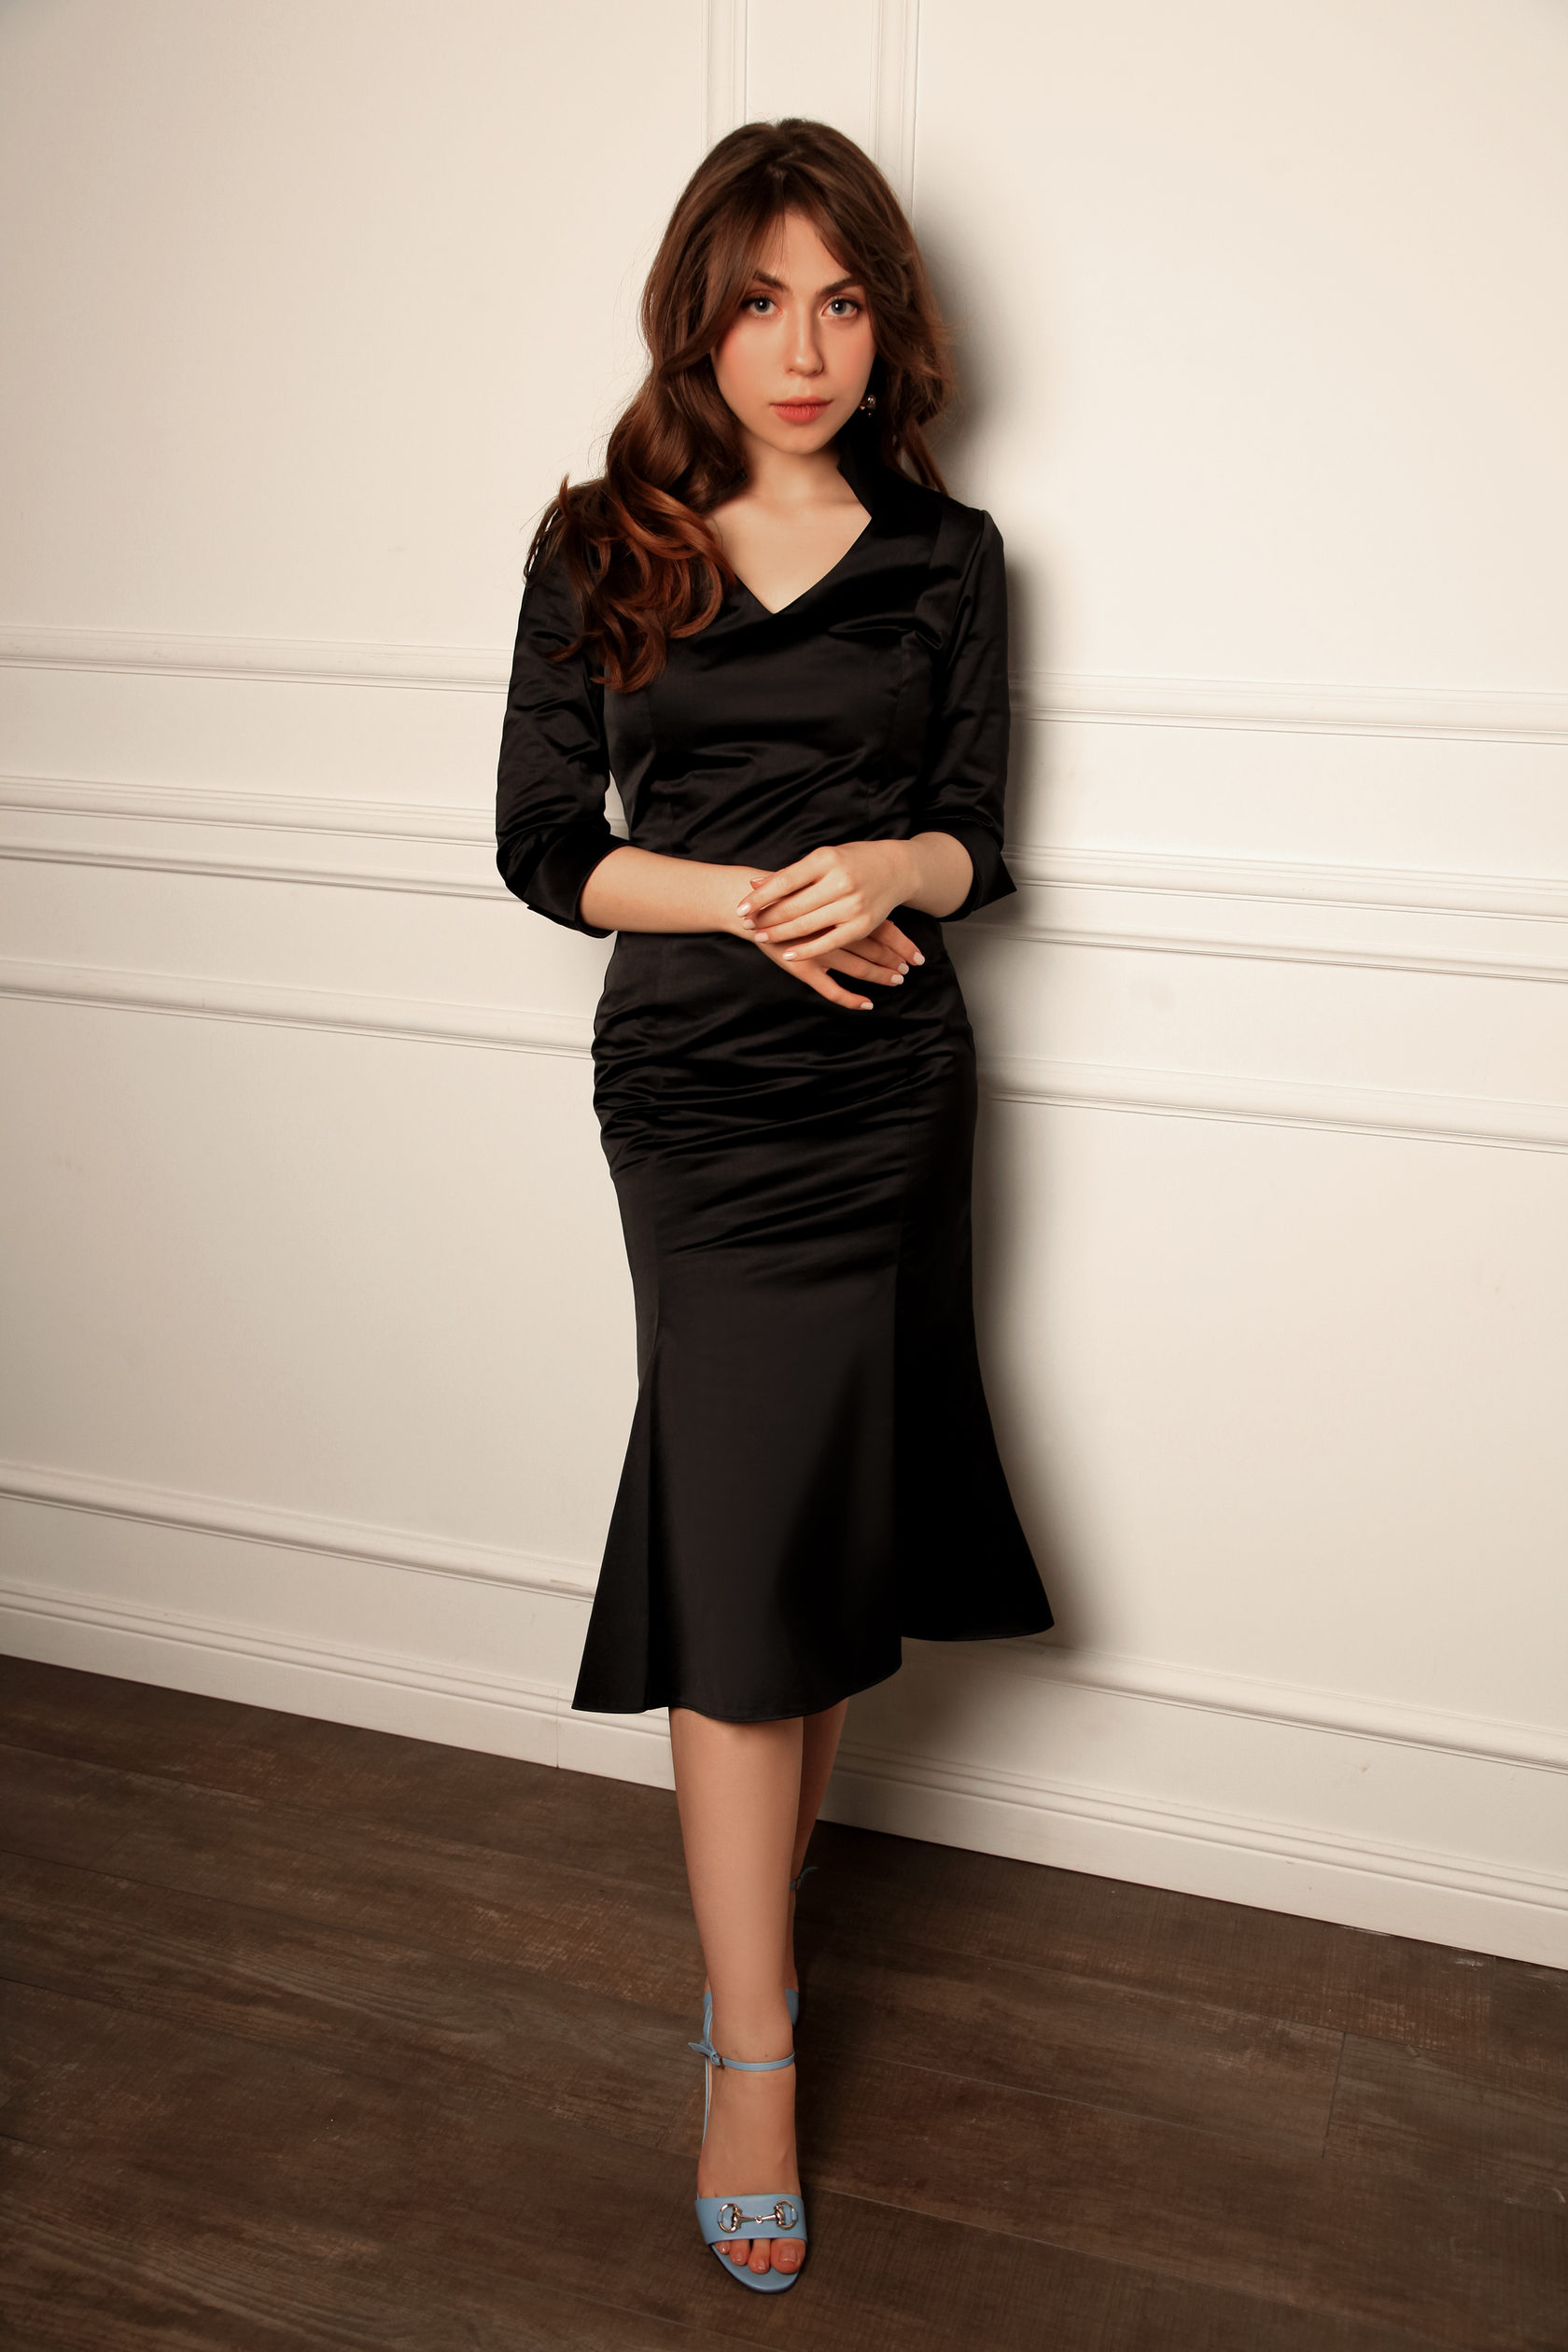 386a8b0e46d Чёрное атласное платье с воротником-стойкой и юбкой MANIÉRE STUDIO